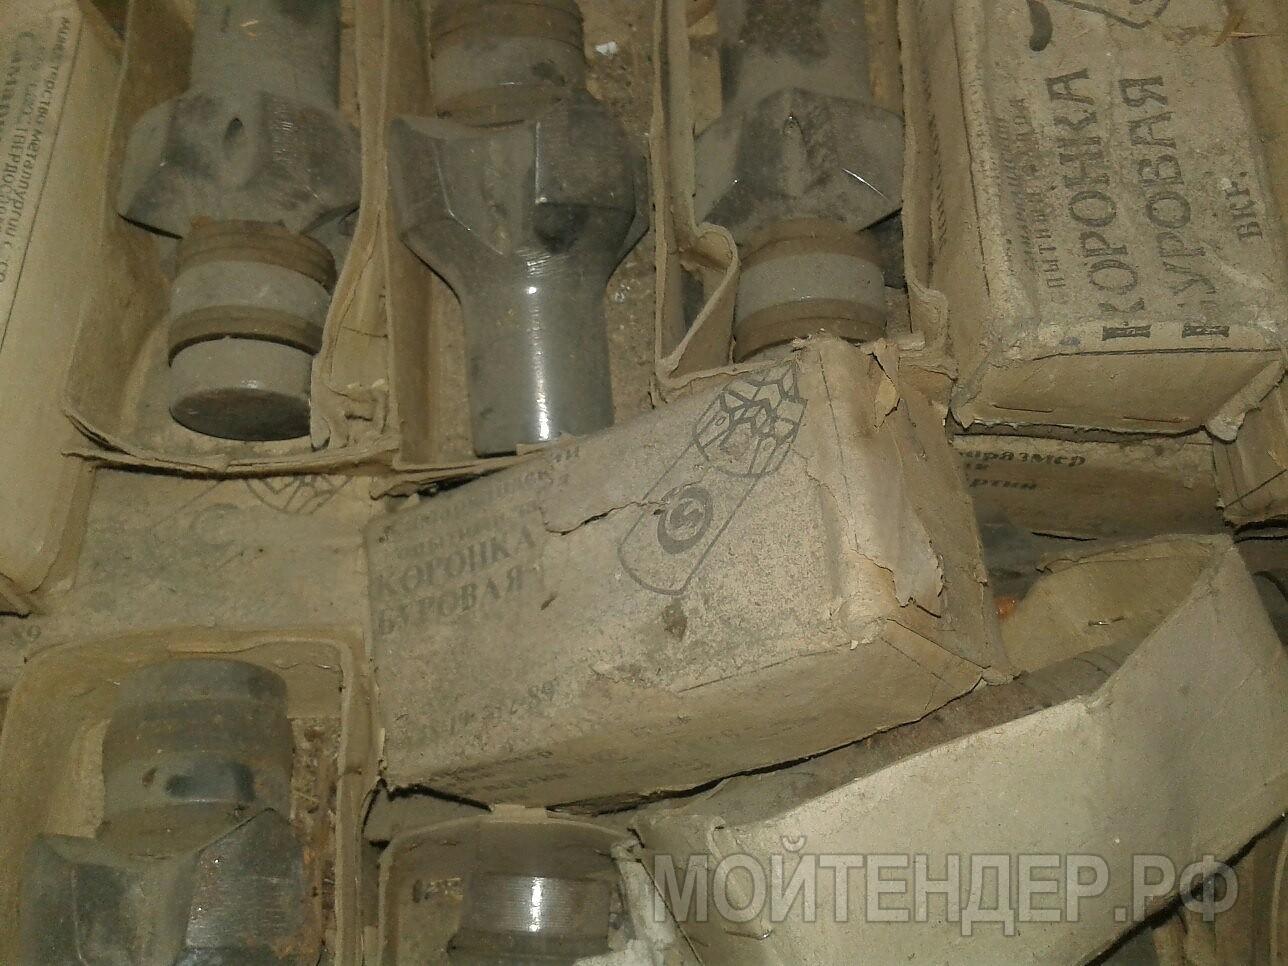 Мойтендер.рф-882-38-12032: Фото 2